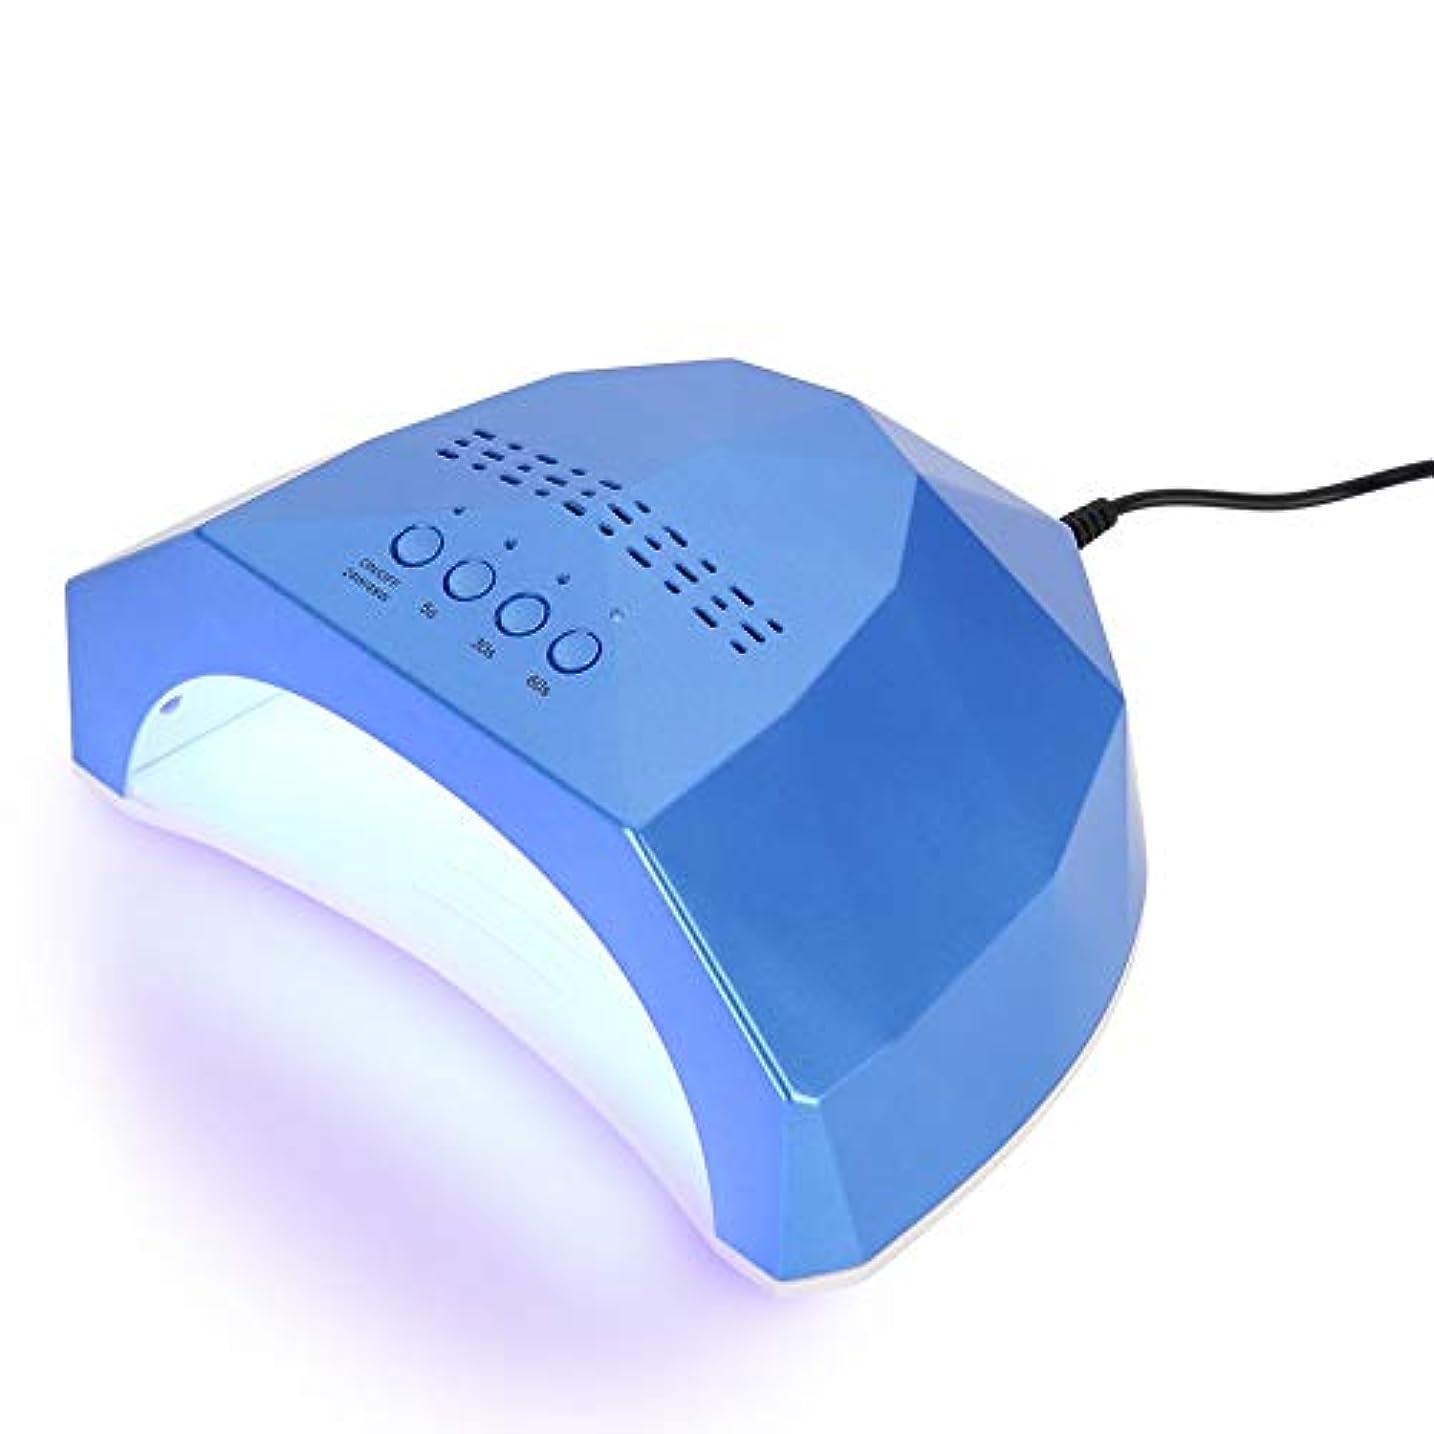 役立つファーザーファージュ終わらせる48W ネイルアートLEDランプ ネイルドライヤー LED釘ランプのドライヤーラン 硬化マニキュア (Blue)